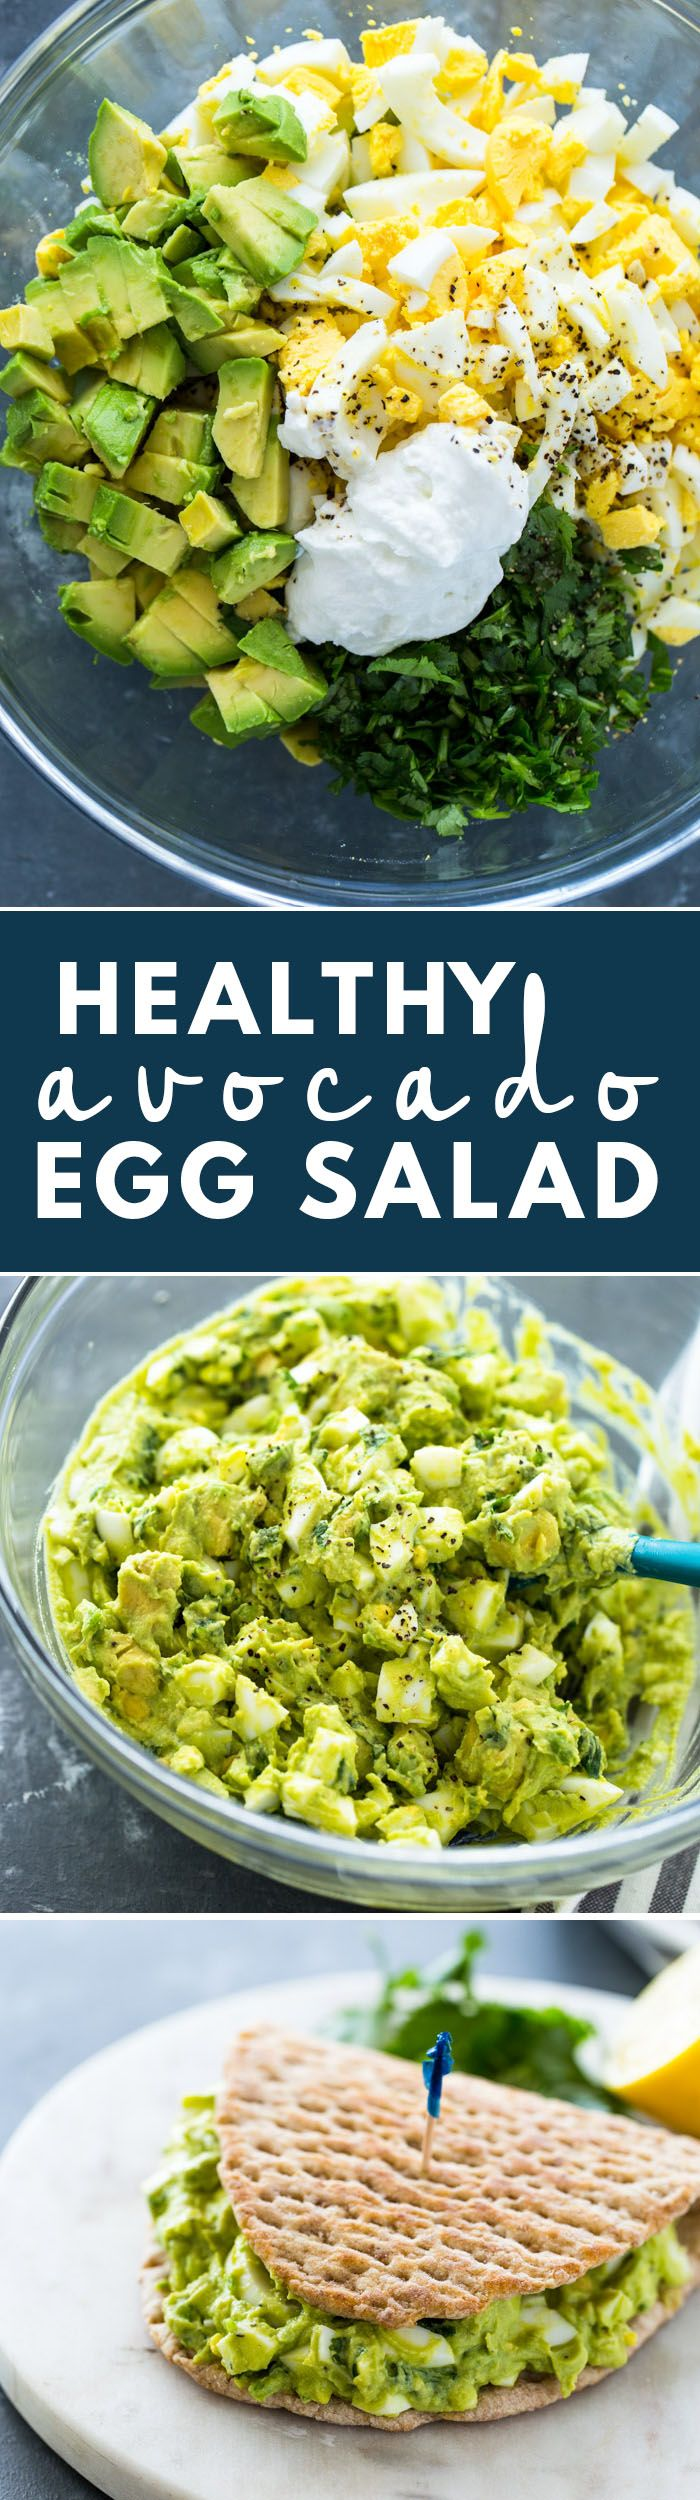 Creamy Avocado Egg Salad (Healthy, Low-carb, Keto)